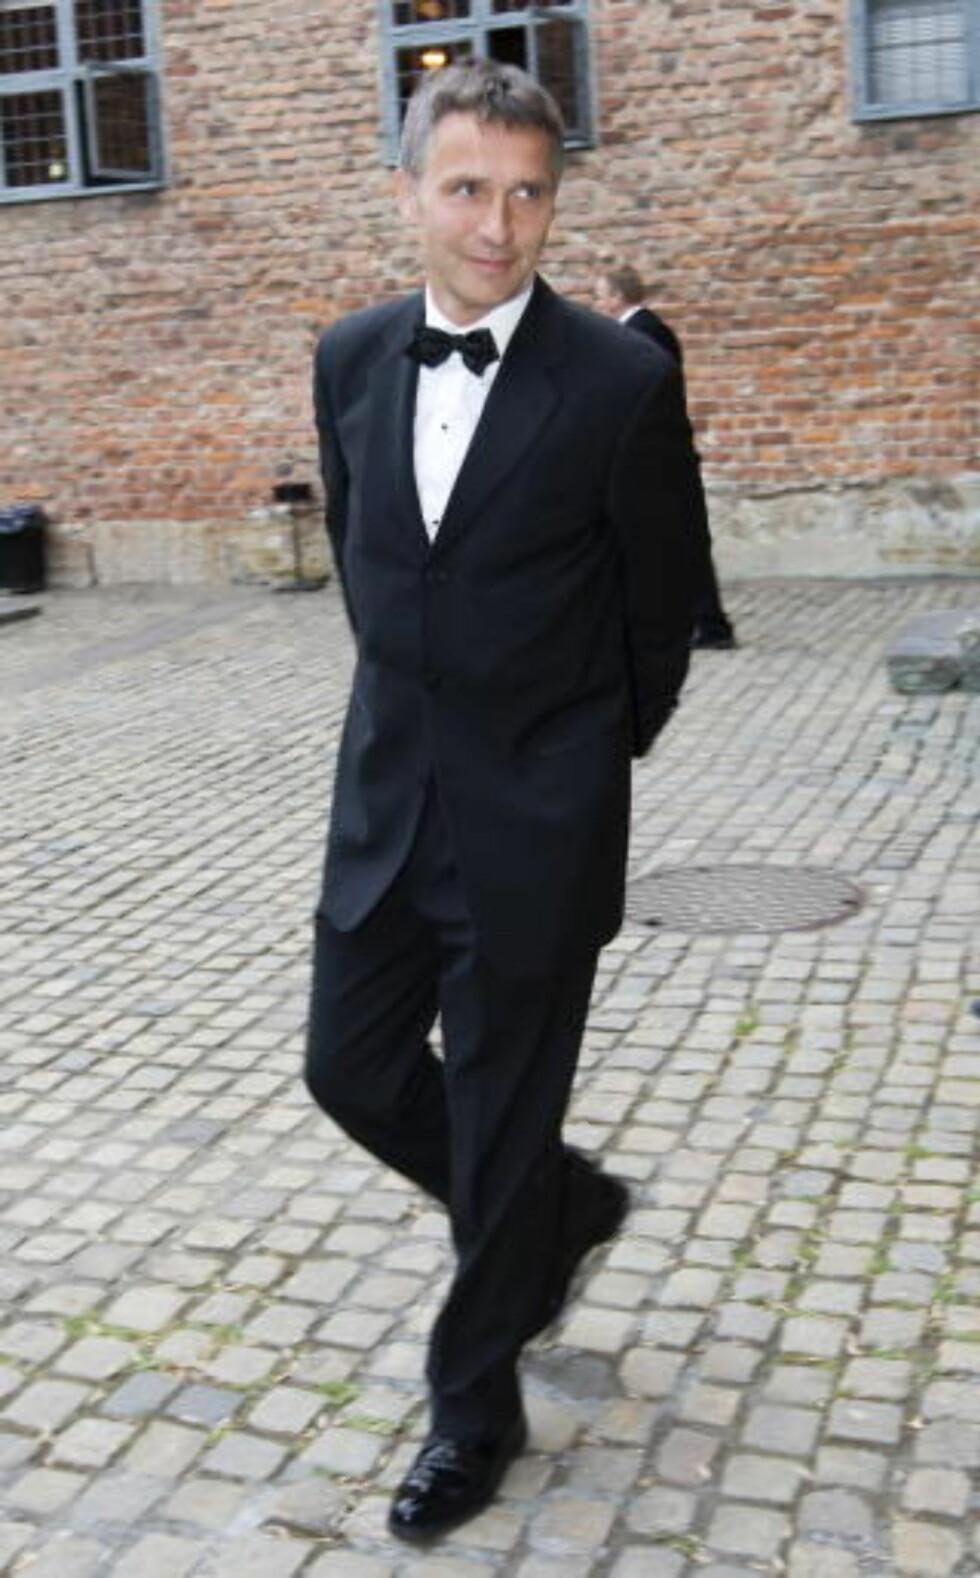 FÅR SKYLDA: Arbeiderpartiet og statsminister Jens Stoltenberg, som er på besøk i Syd-Varanger i dag. Foto: SCANPIX.